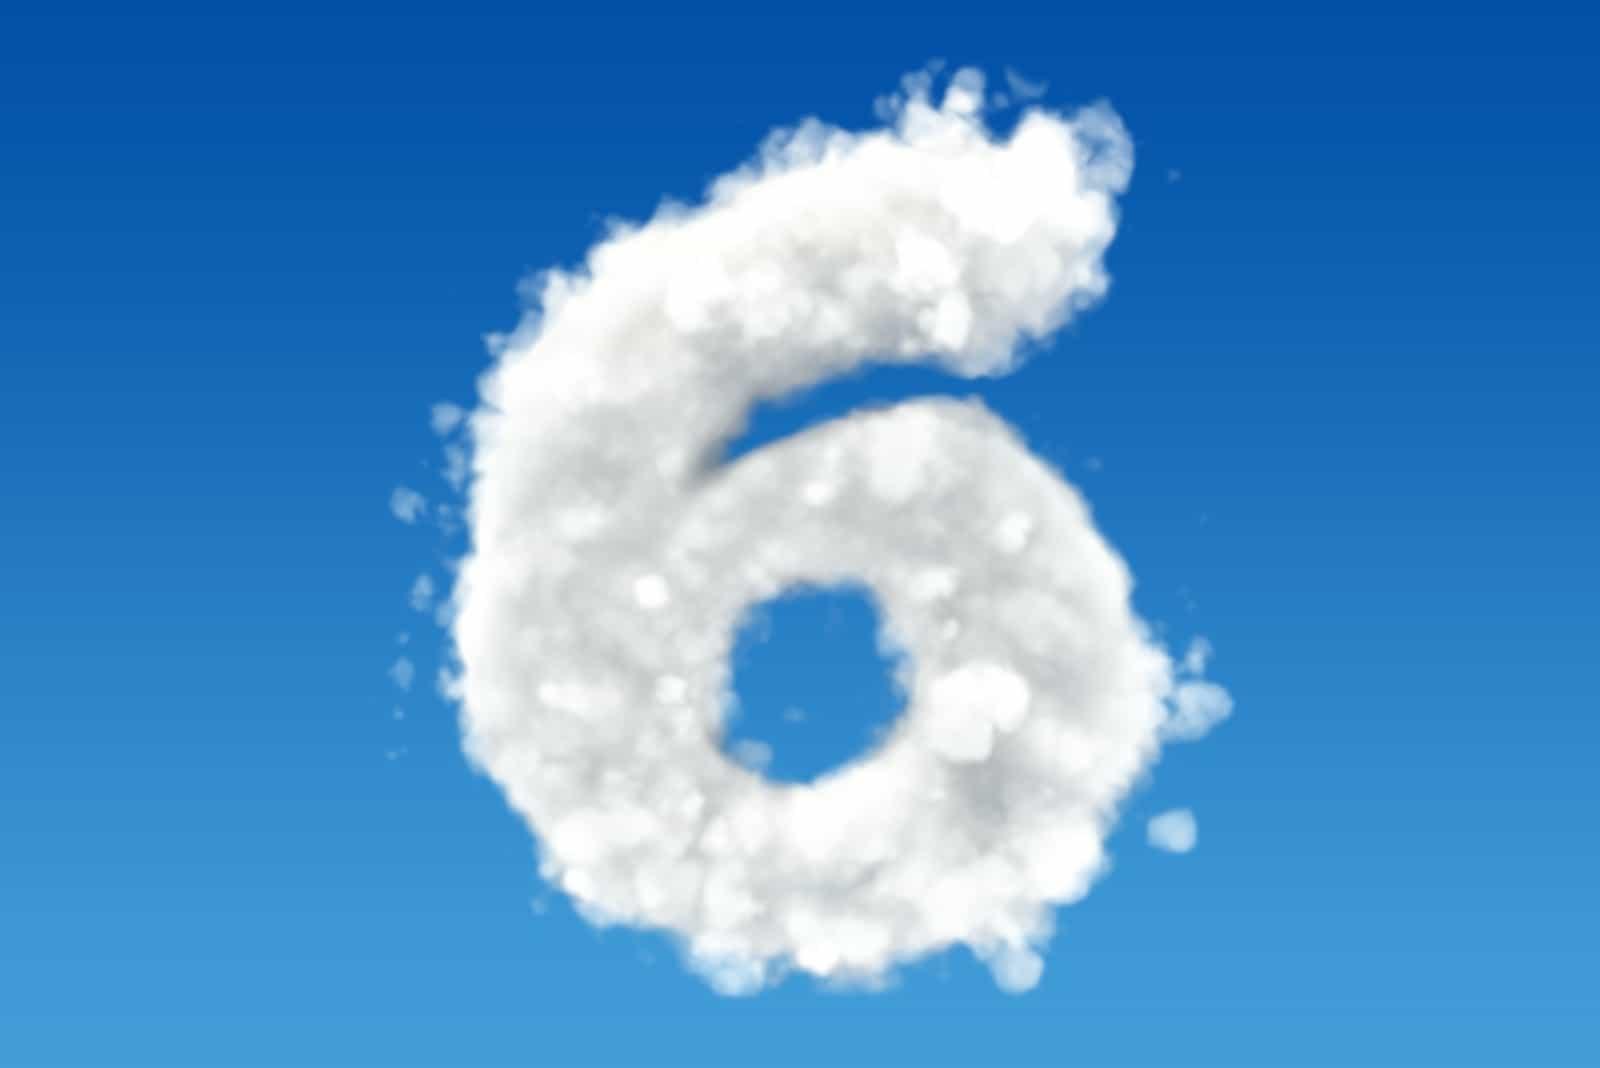 Nummer 6 auf blauem Grund